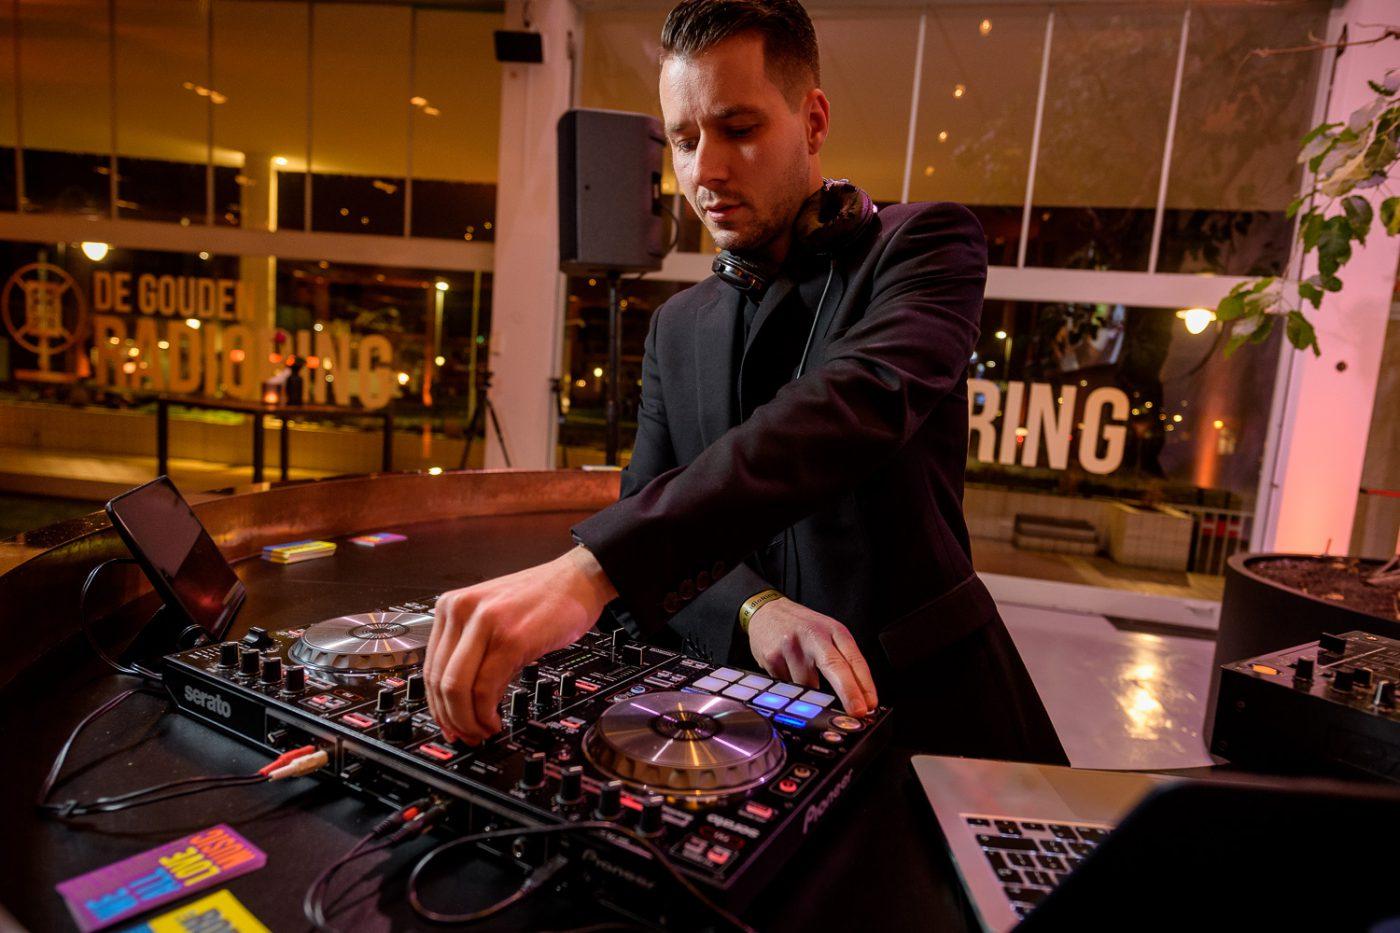 DJ bij RadioRing in Gooiland